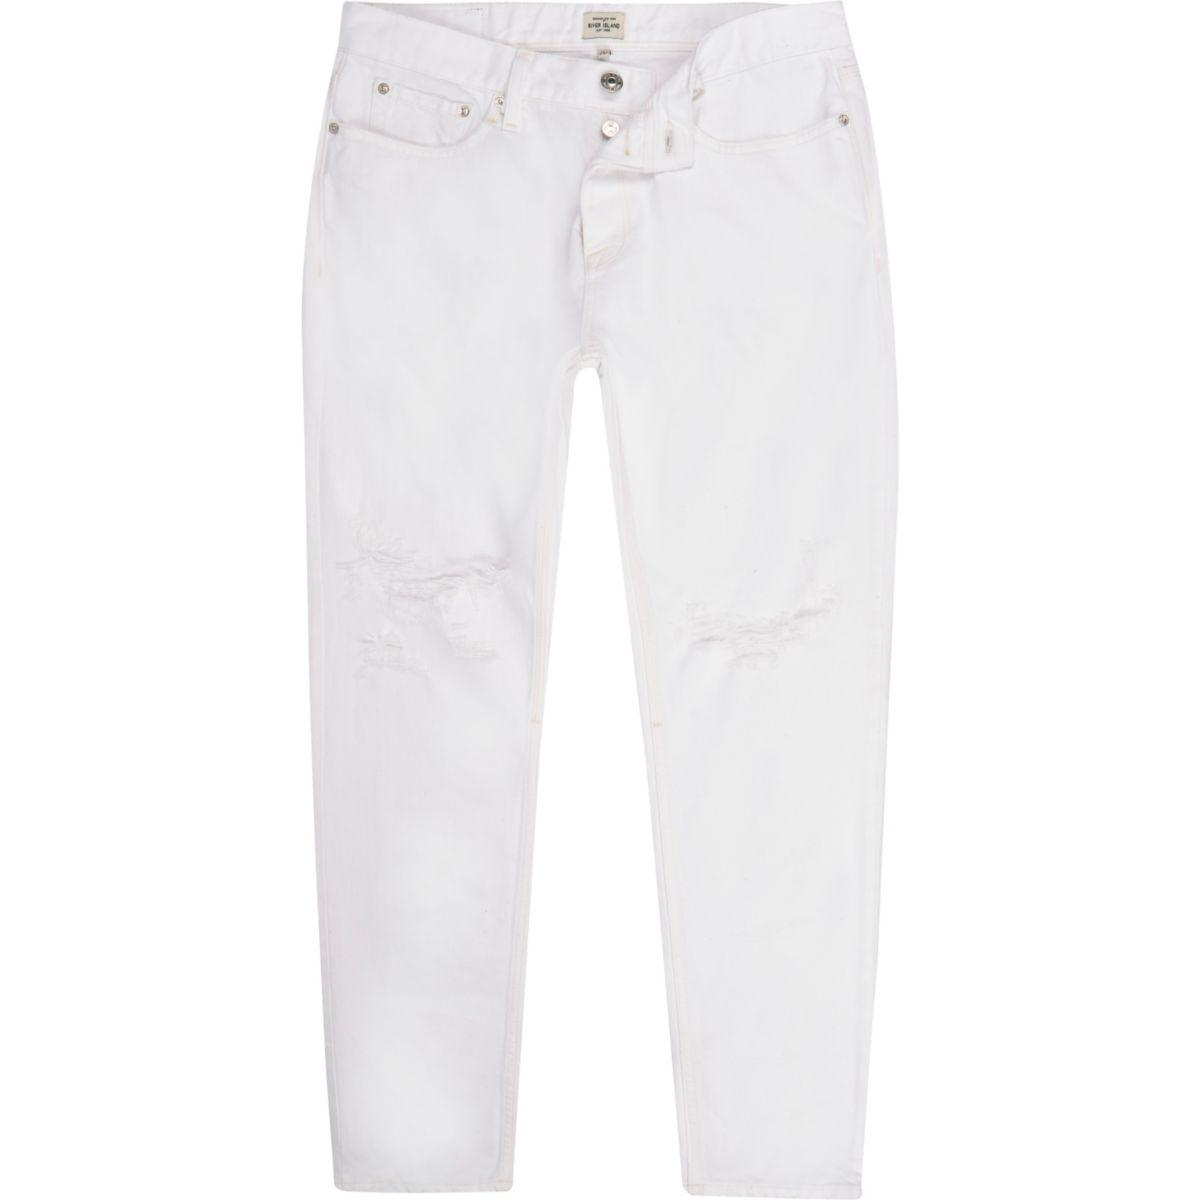 Jimmy – Schmale, weiße Jeans